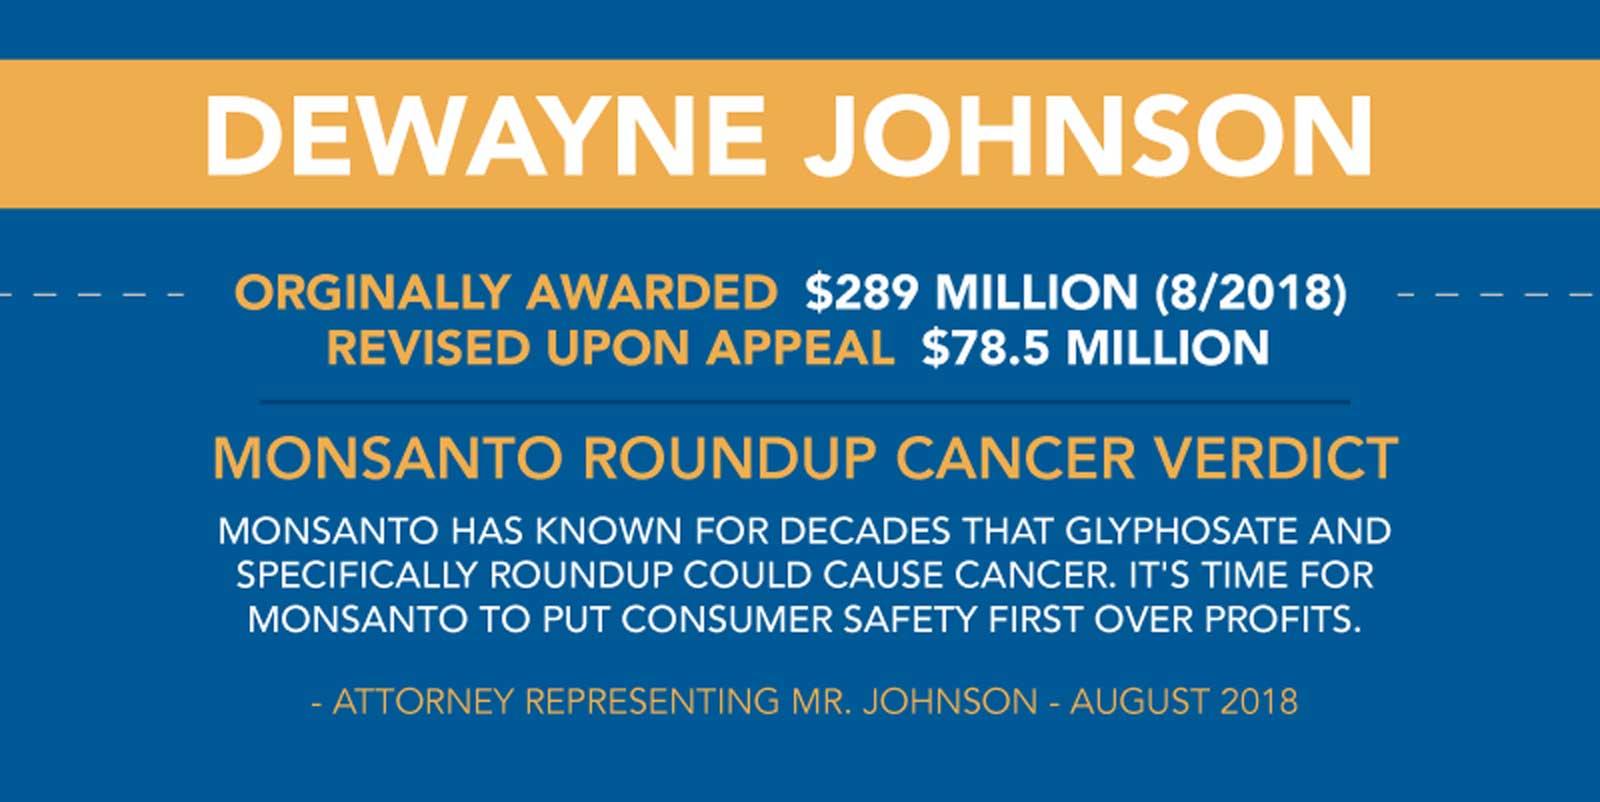 roundup-lawsuit-cancer-verdict-dewayne-johnson